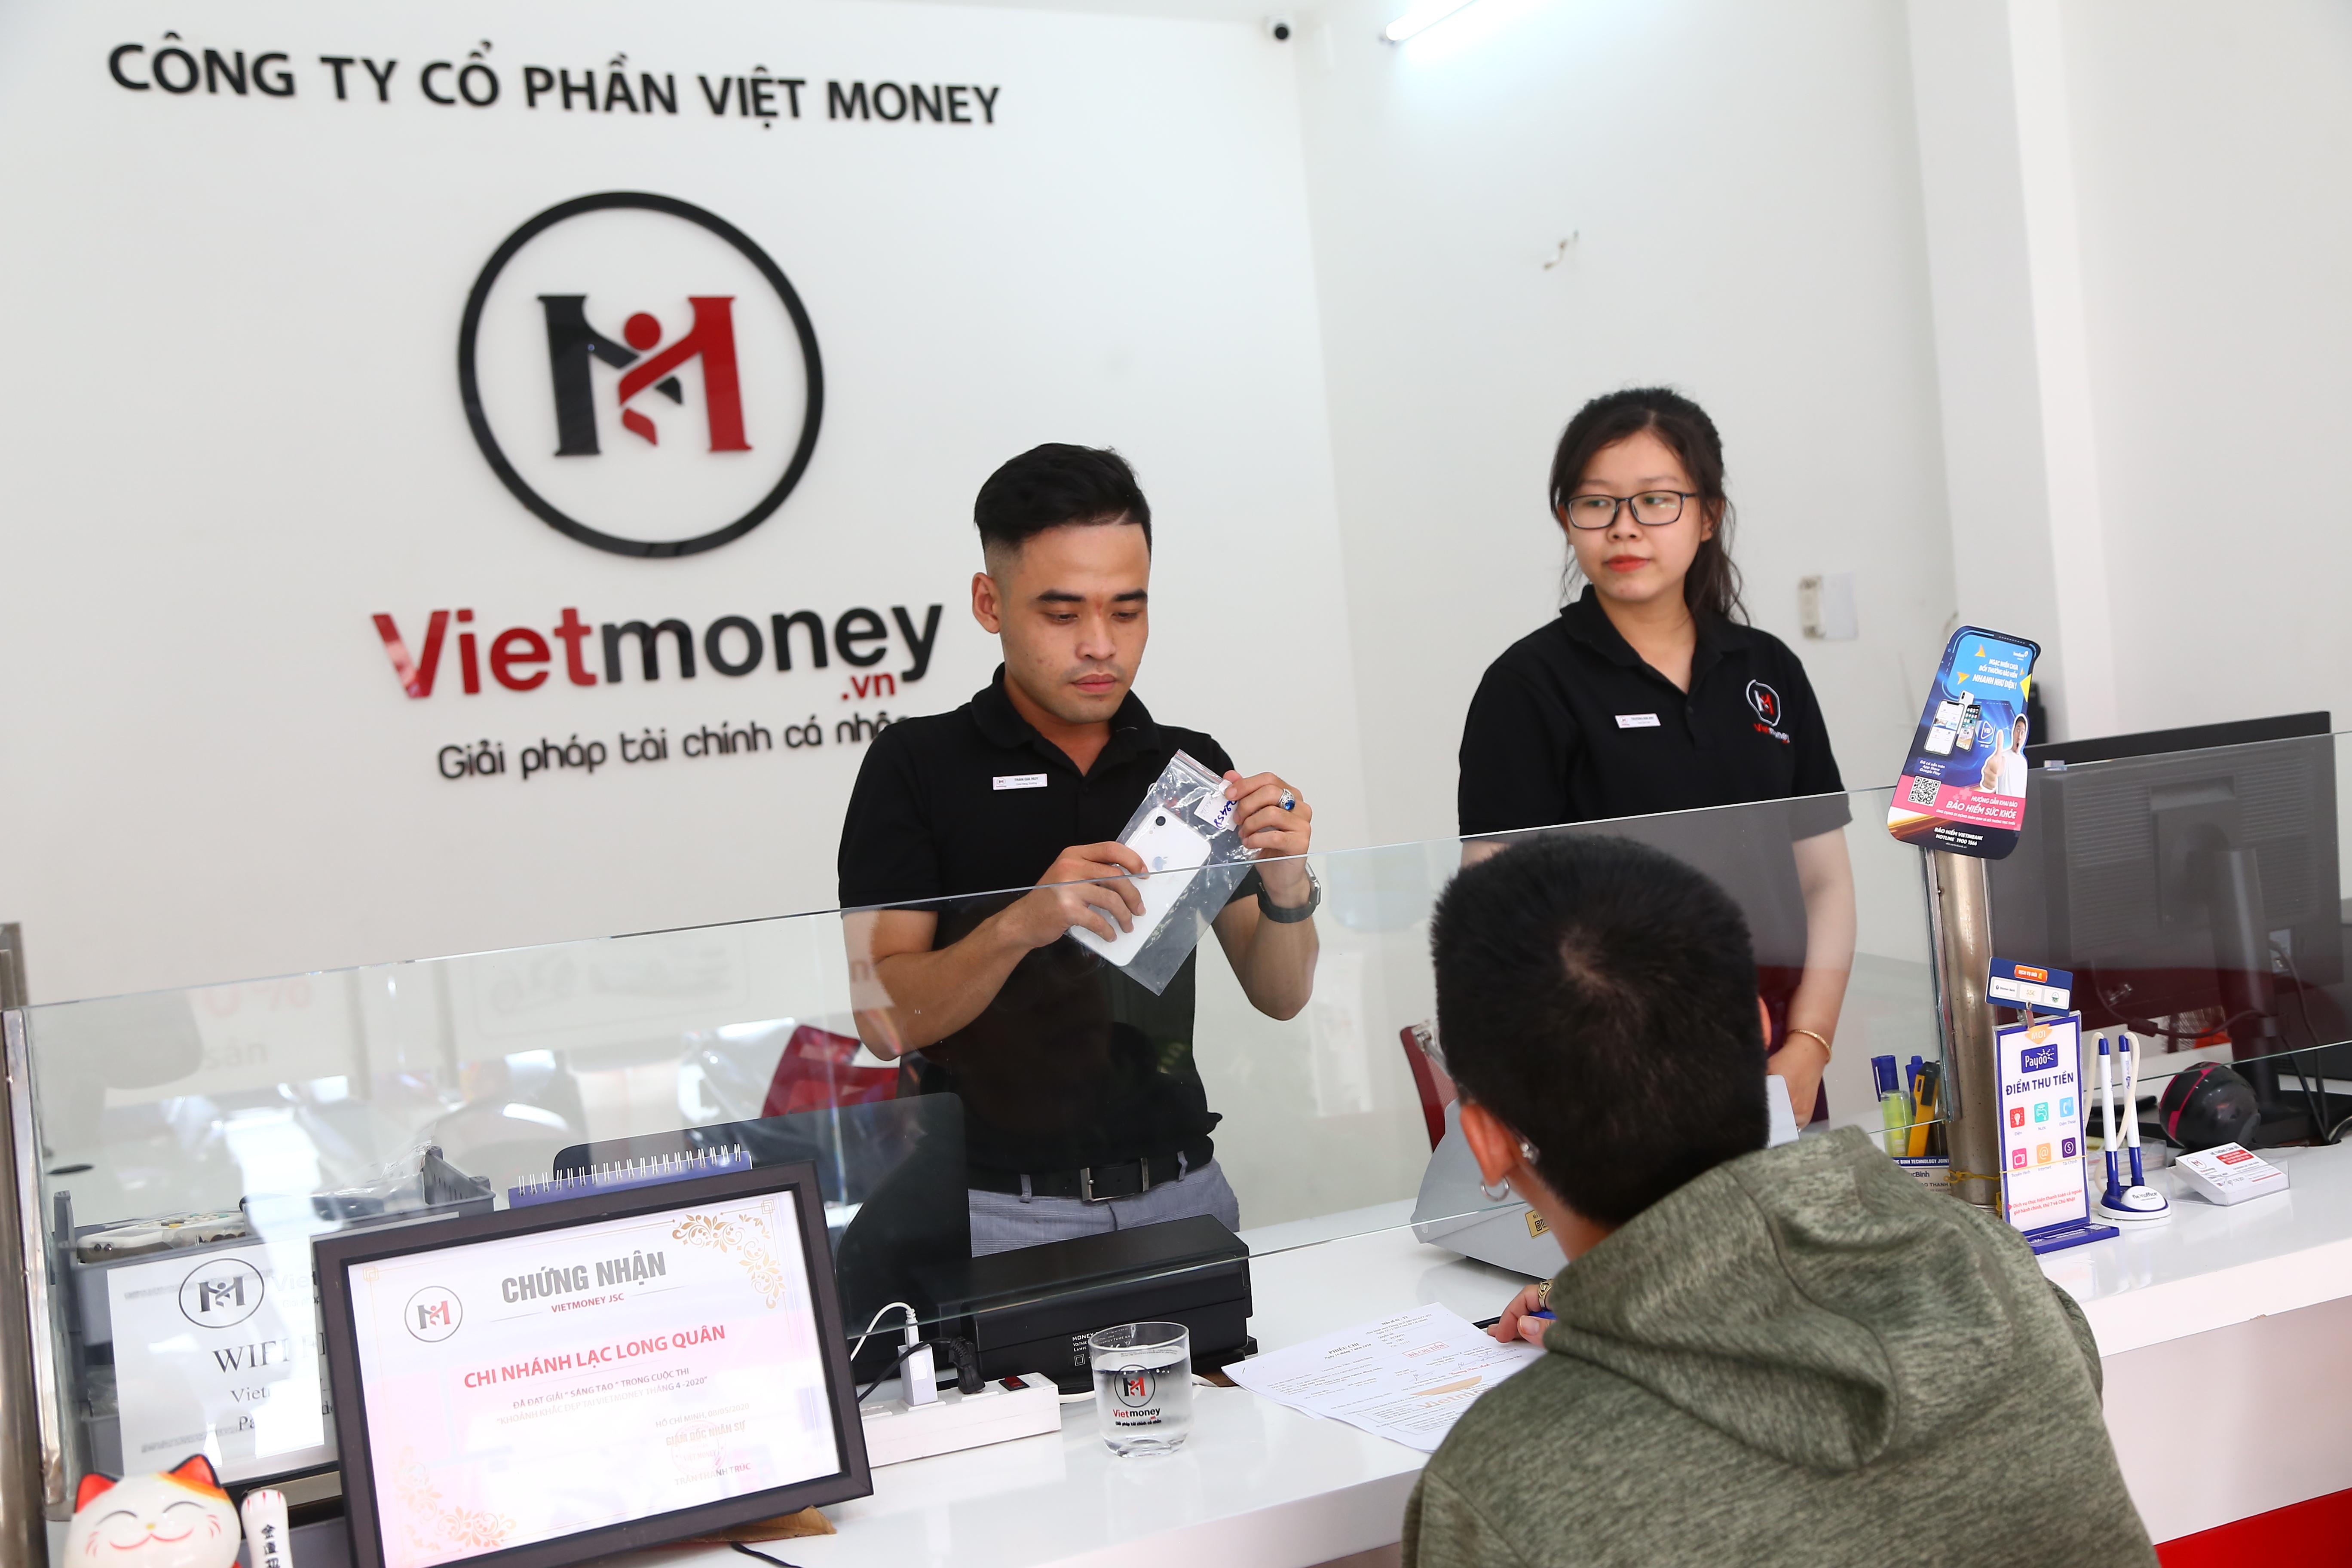 Quỹ đầu tư Probus Opportunities và Digi Ventures hoàn tất đầu tư vào Vietmoney